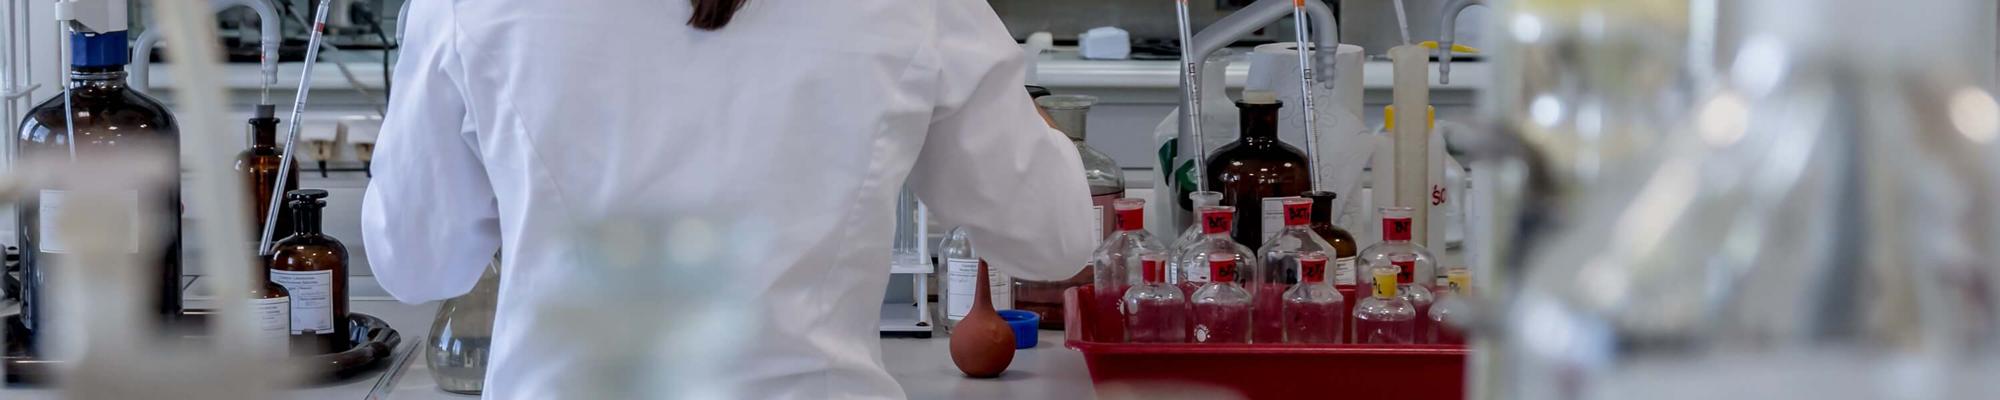 Laboratorio -Fundación Juan Esplugues